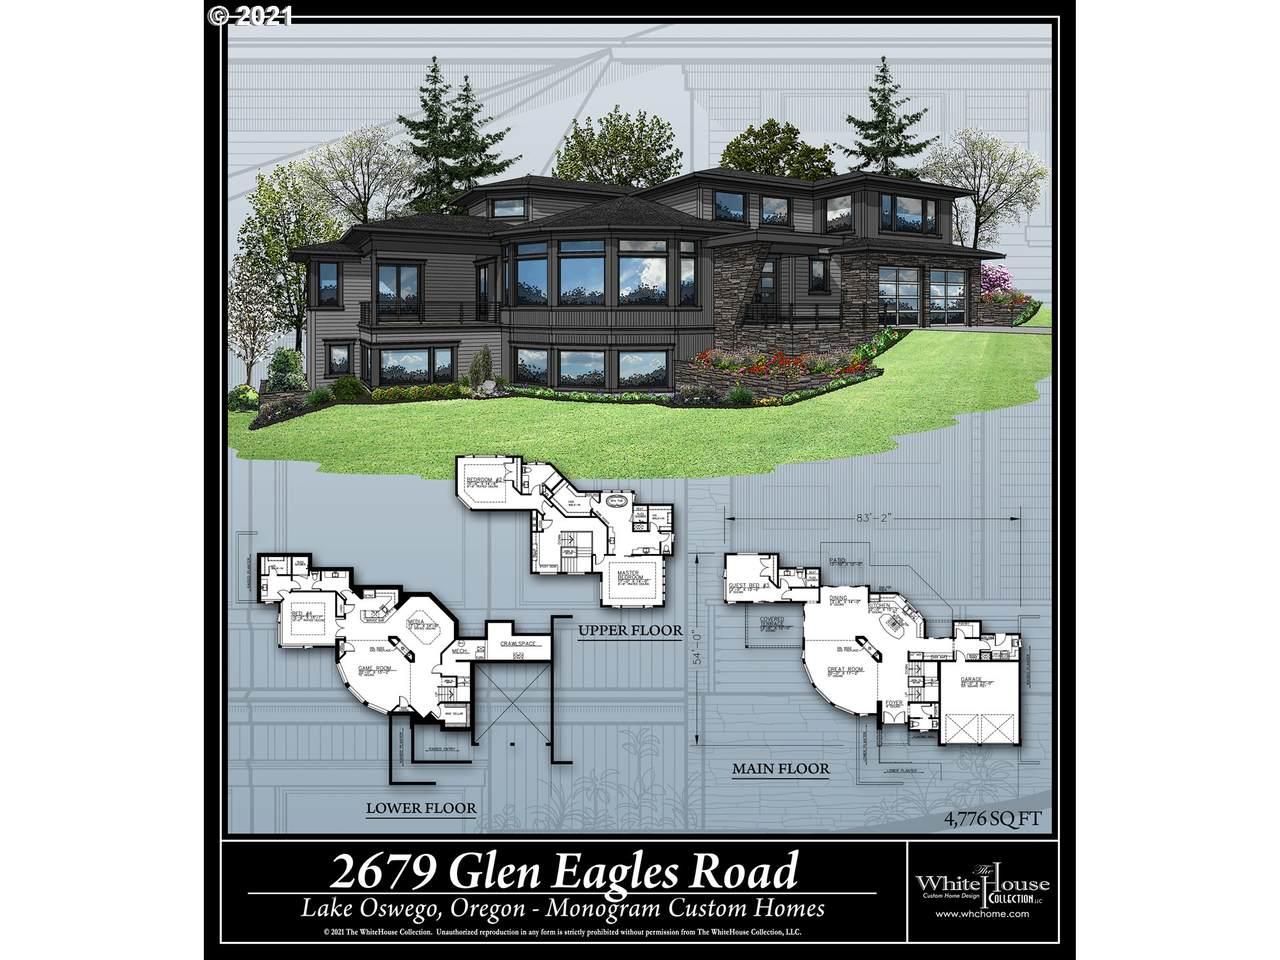 2679 Glen Eagles Rd - Photo 1